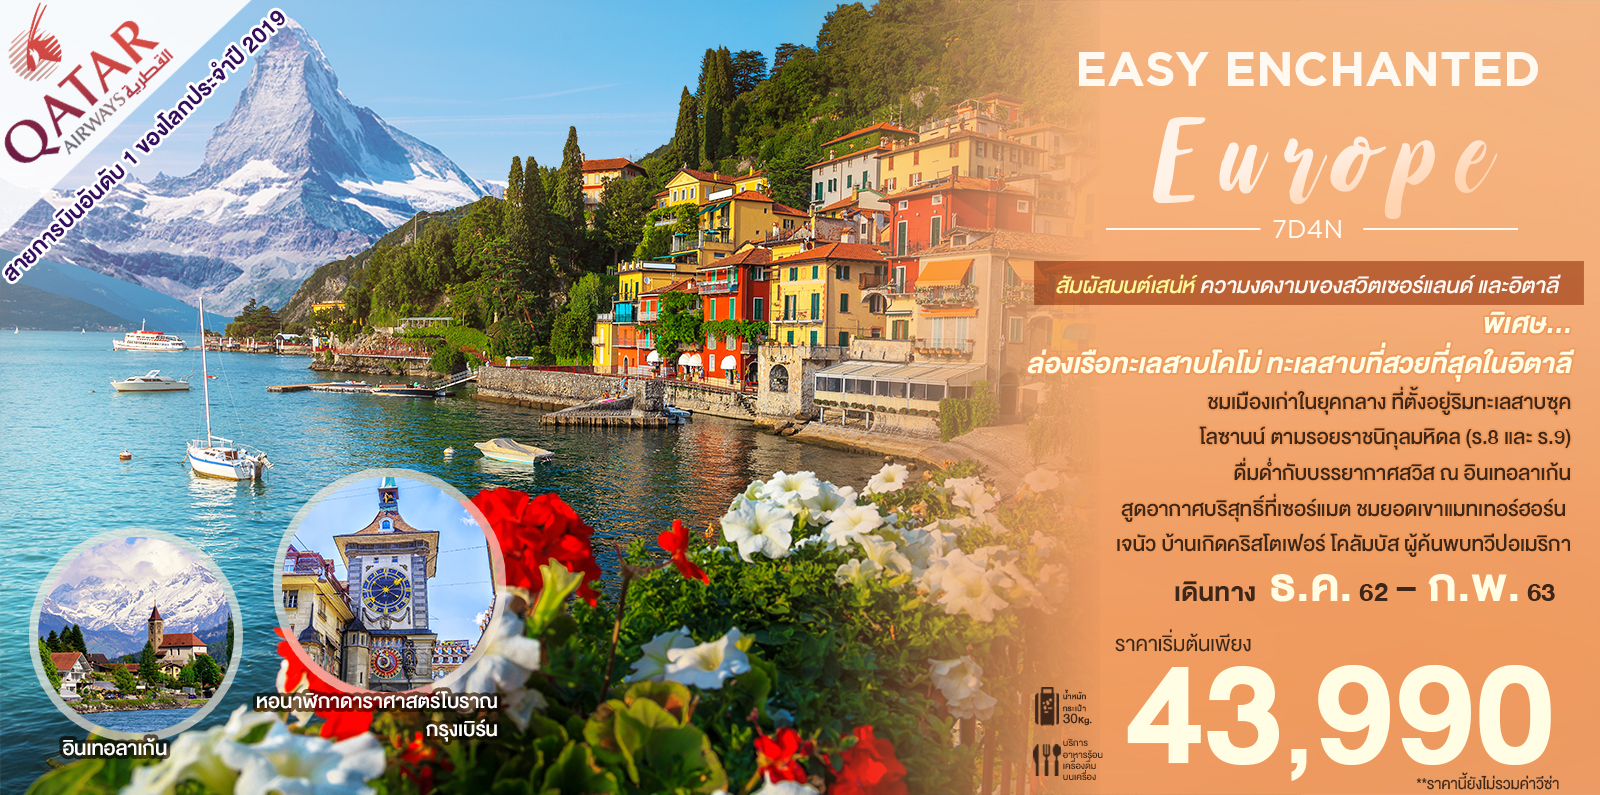 ทัวอิตาลี สวิตเซอร์แลนด์ EASY ENCHANTED EUROPE 7 D 4 N